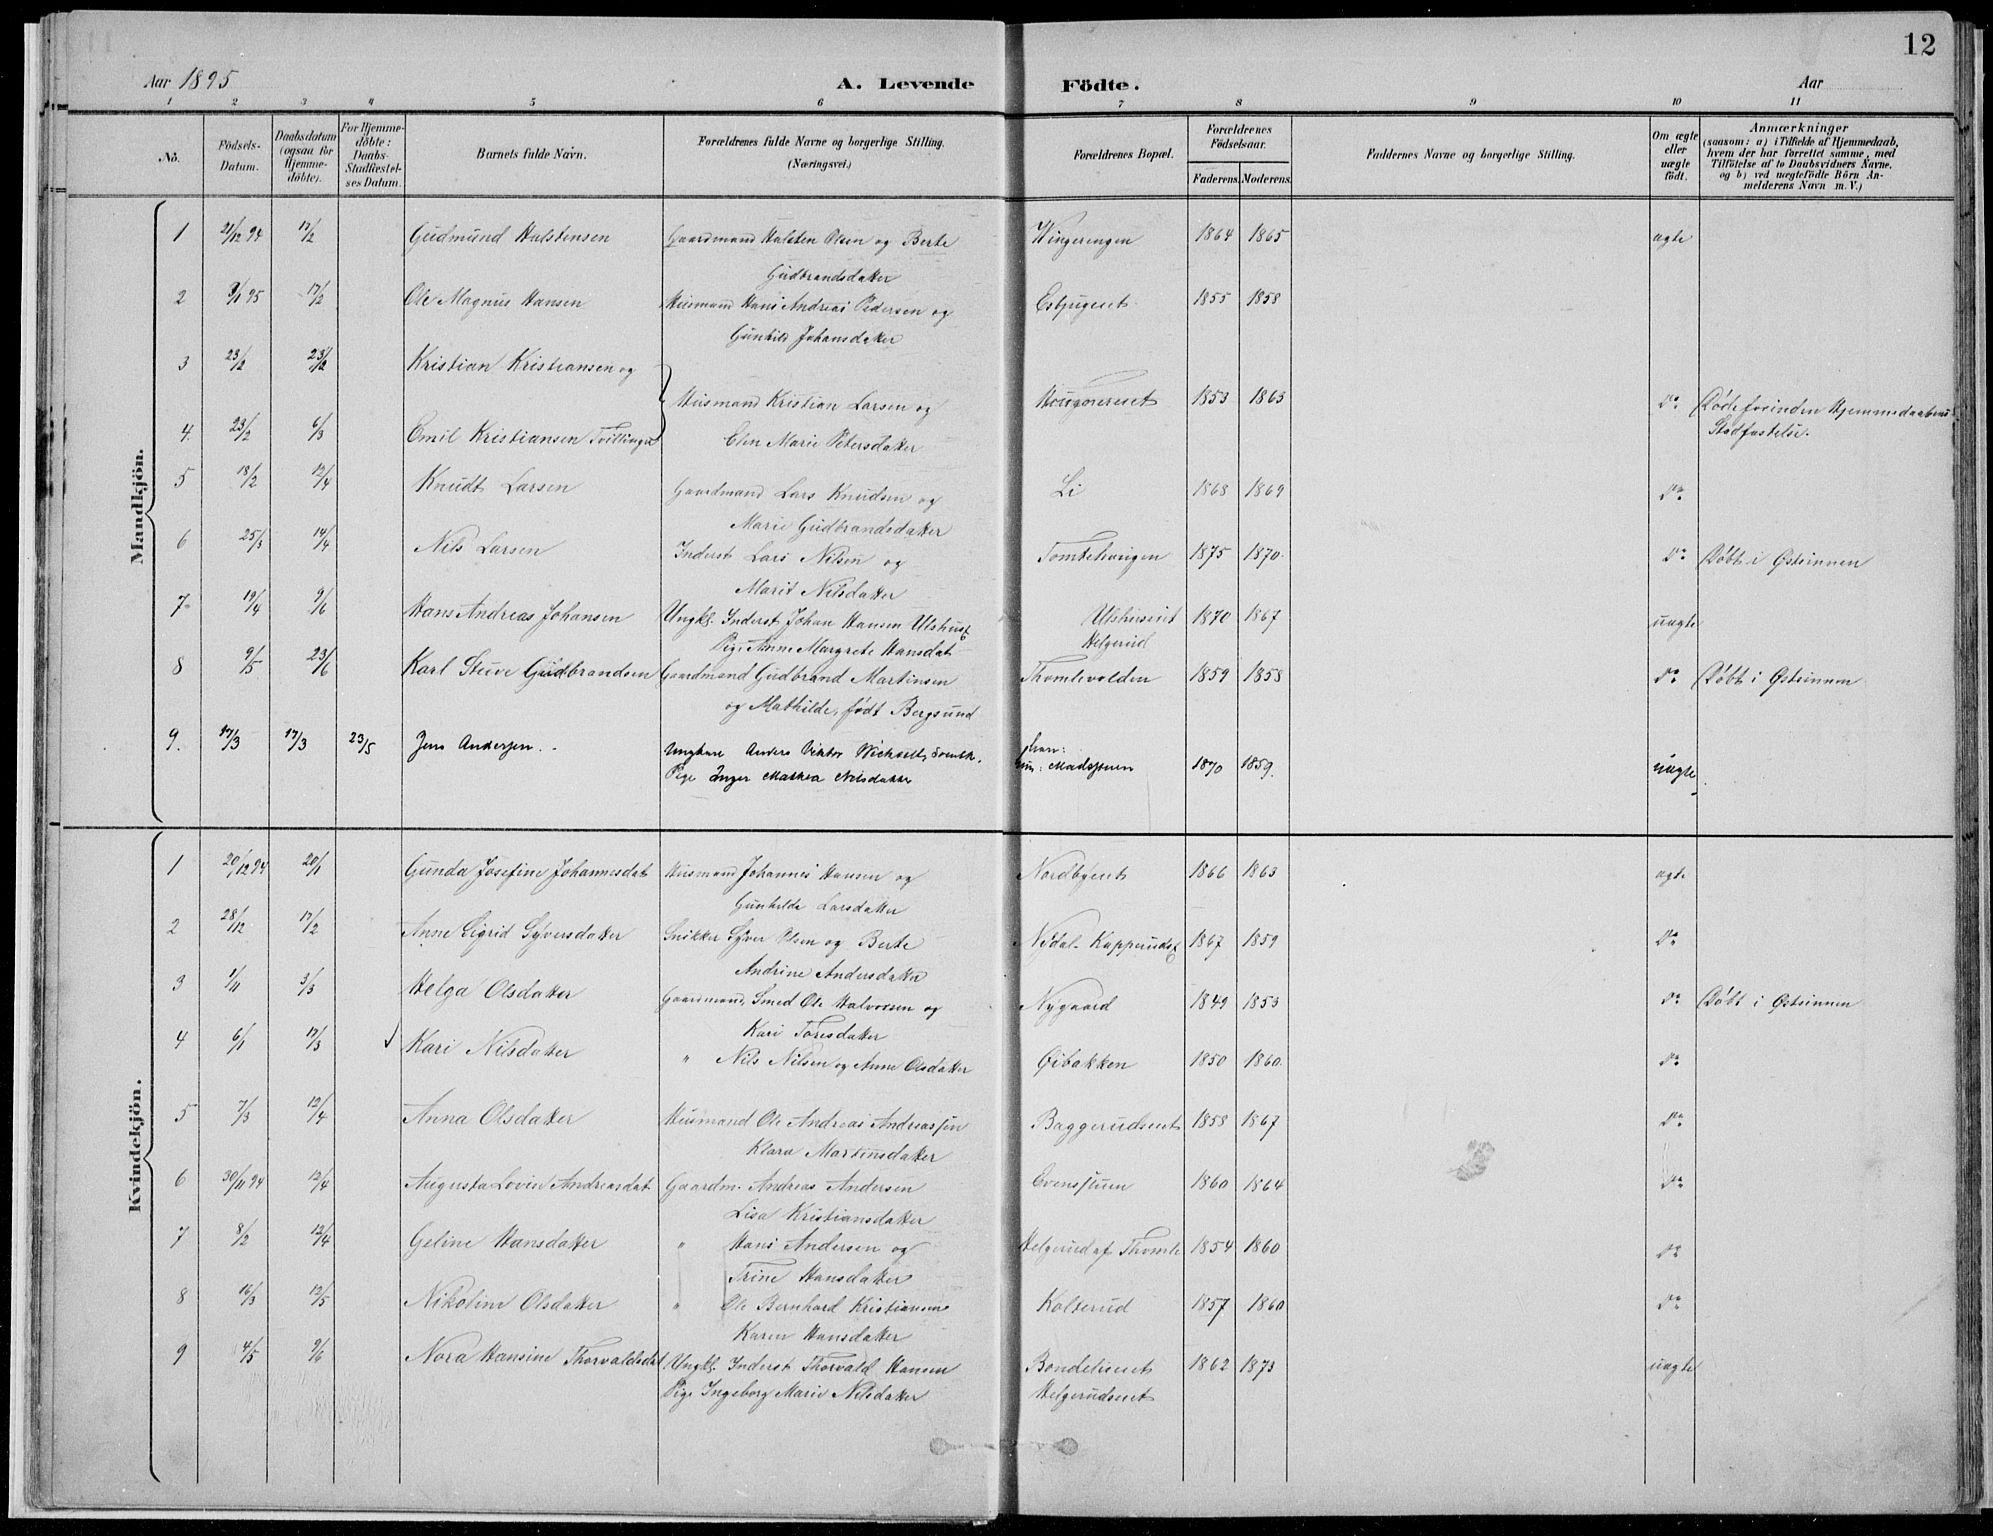 SAH, Nordre Land prestekontor, Klokkerbok nr. 13, 1891-1904, s. 12